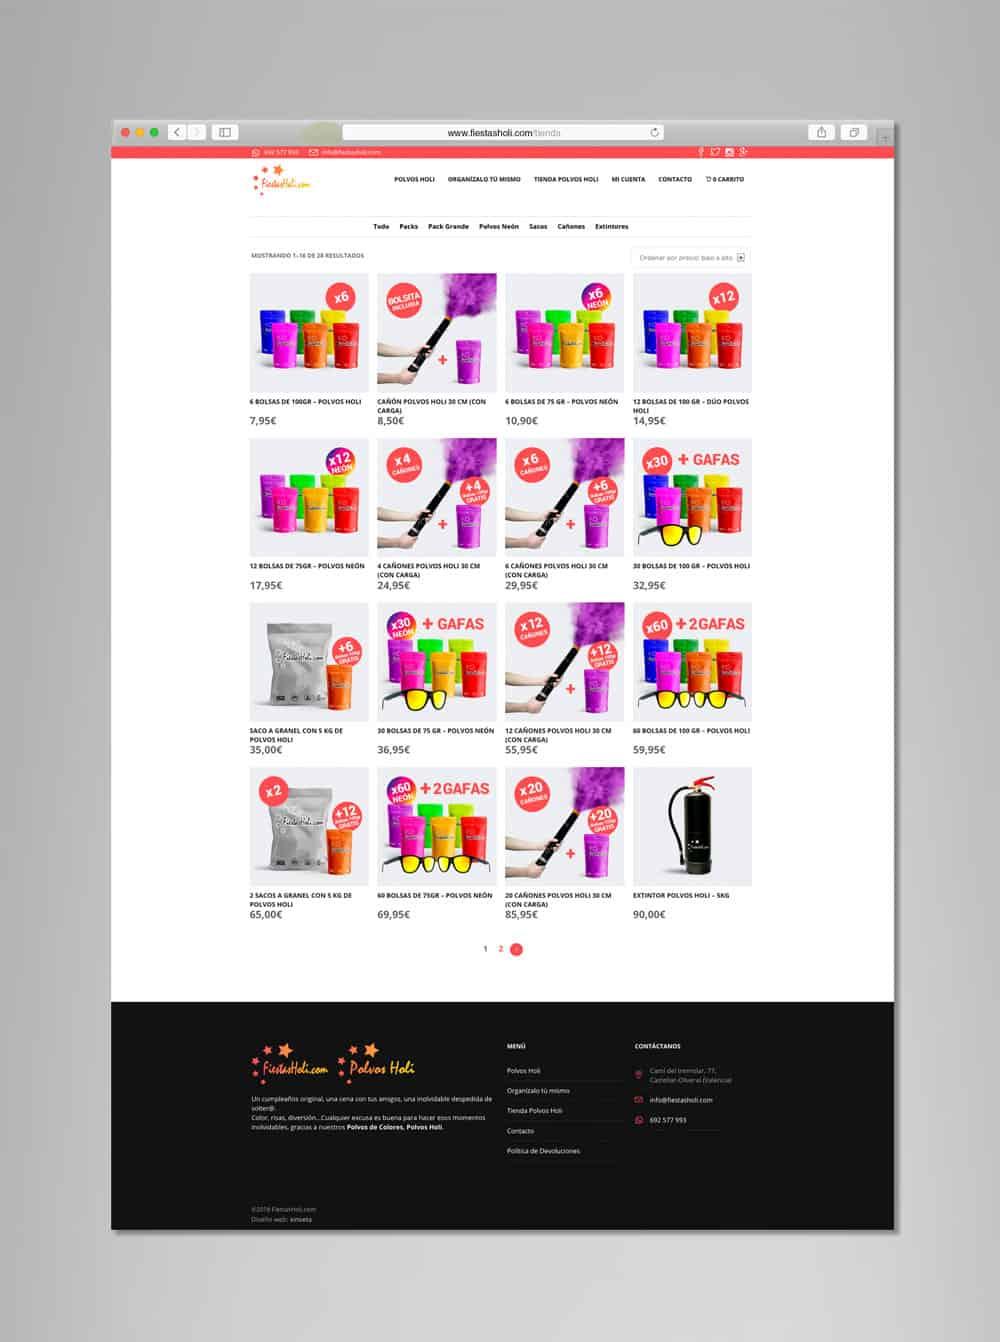 Fiestas Holi - Vista desktop - Tienda